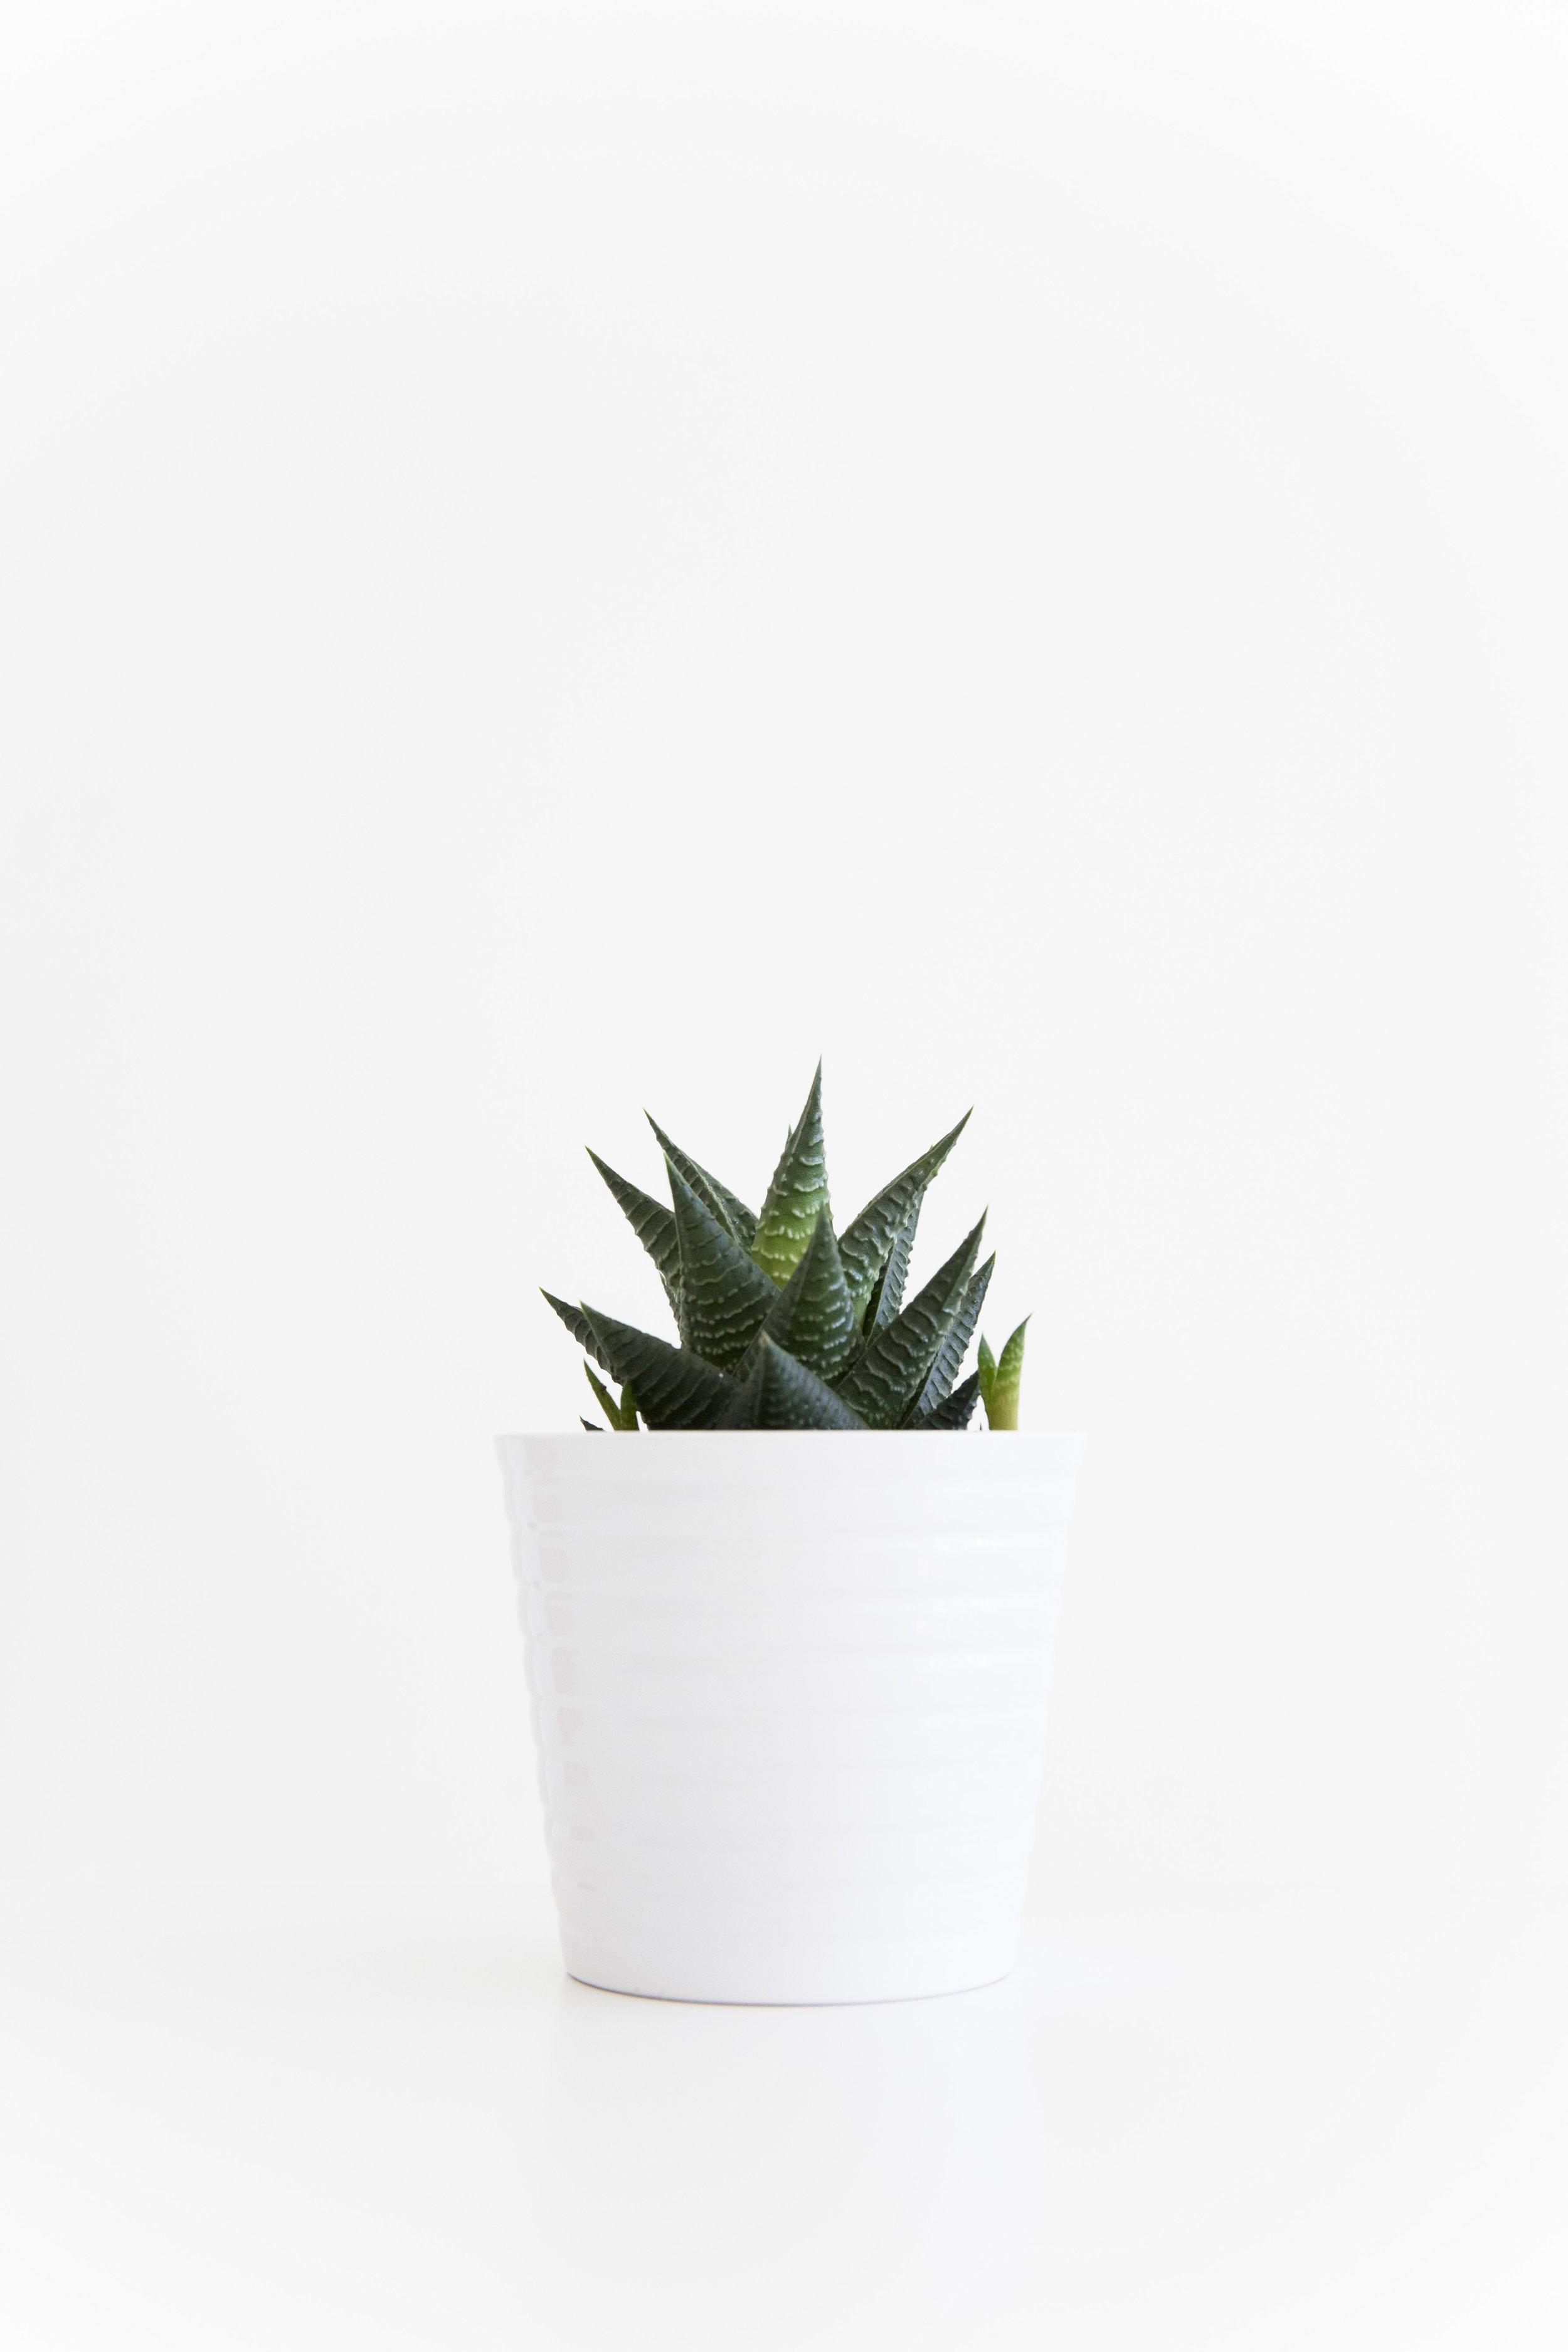 grønne planter_6.jpg